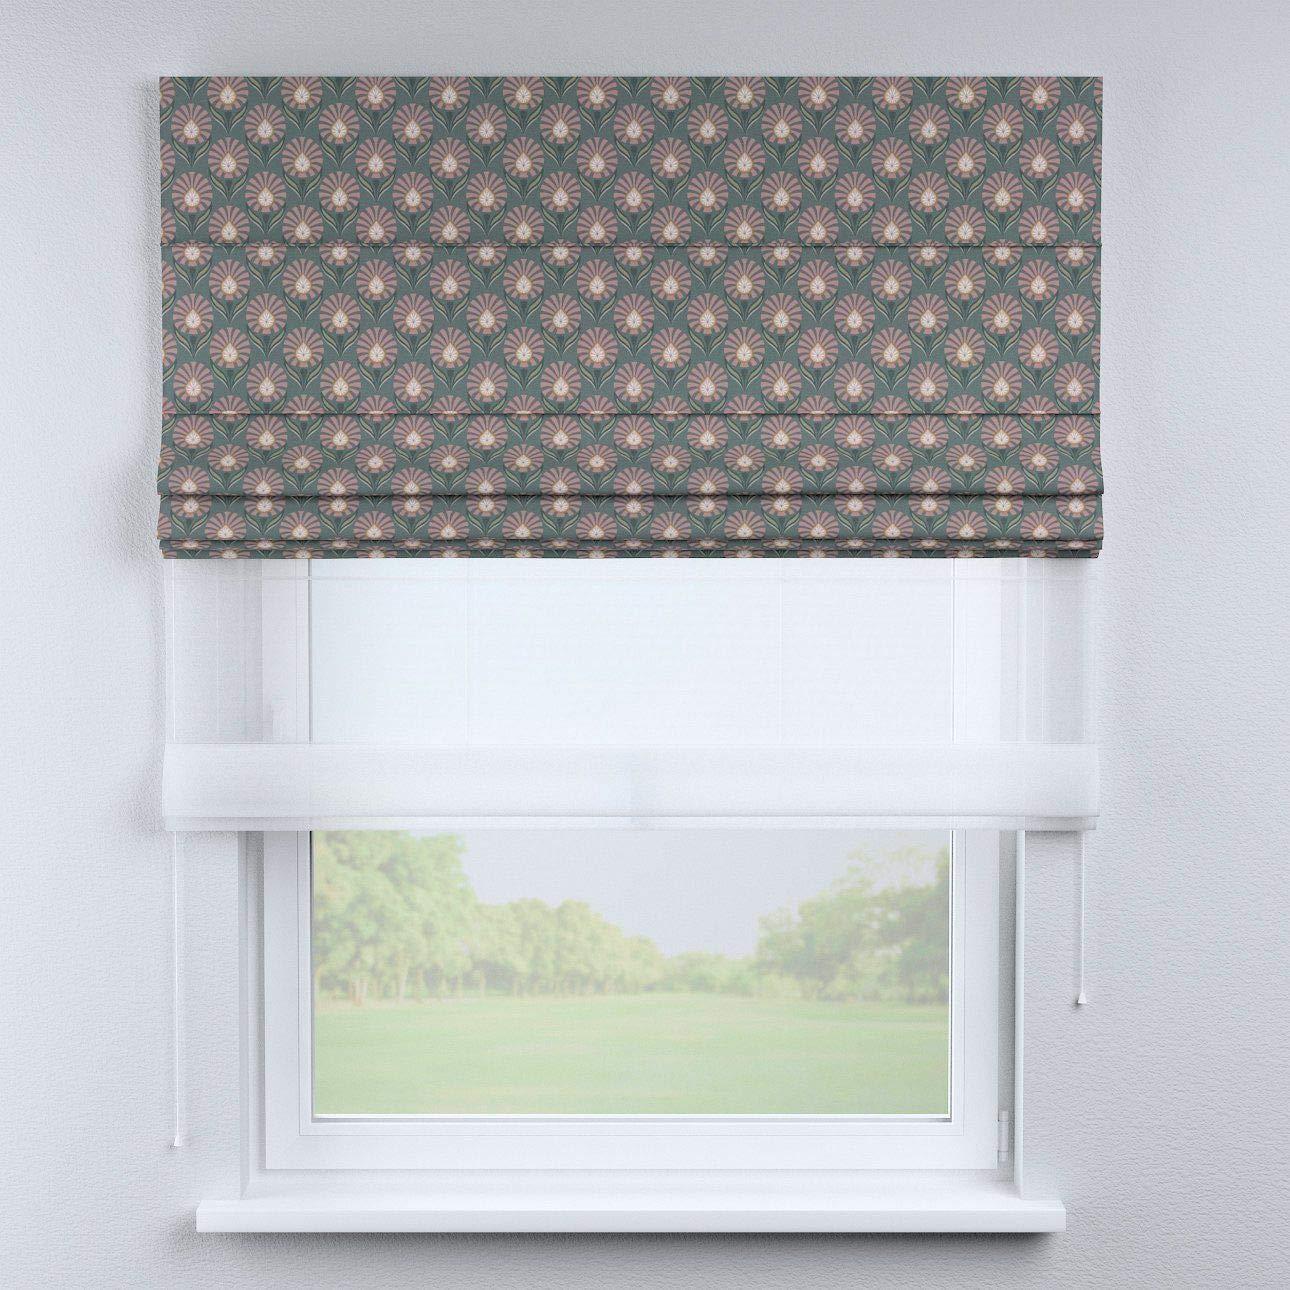 Dekoria Raffrollo Duo ohne Bohren Blickdicht Faltvorhang Raffgardine Wohnzimmer Schlafzimmer Kinderzimmer 130 × 170 cm grau-rosa Raffrollos auf Maß maßanfertigung möglich